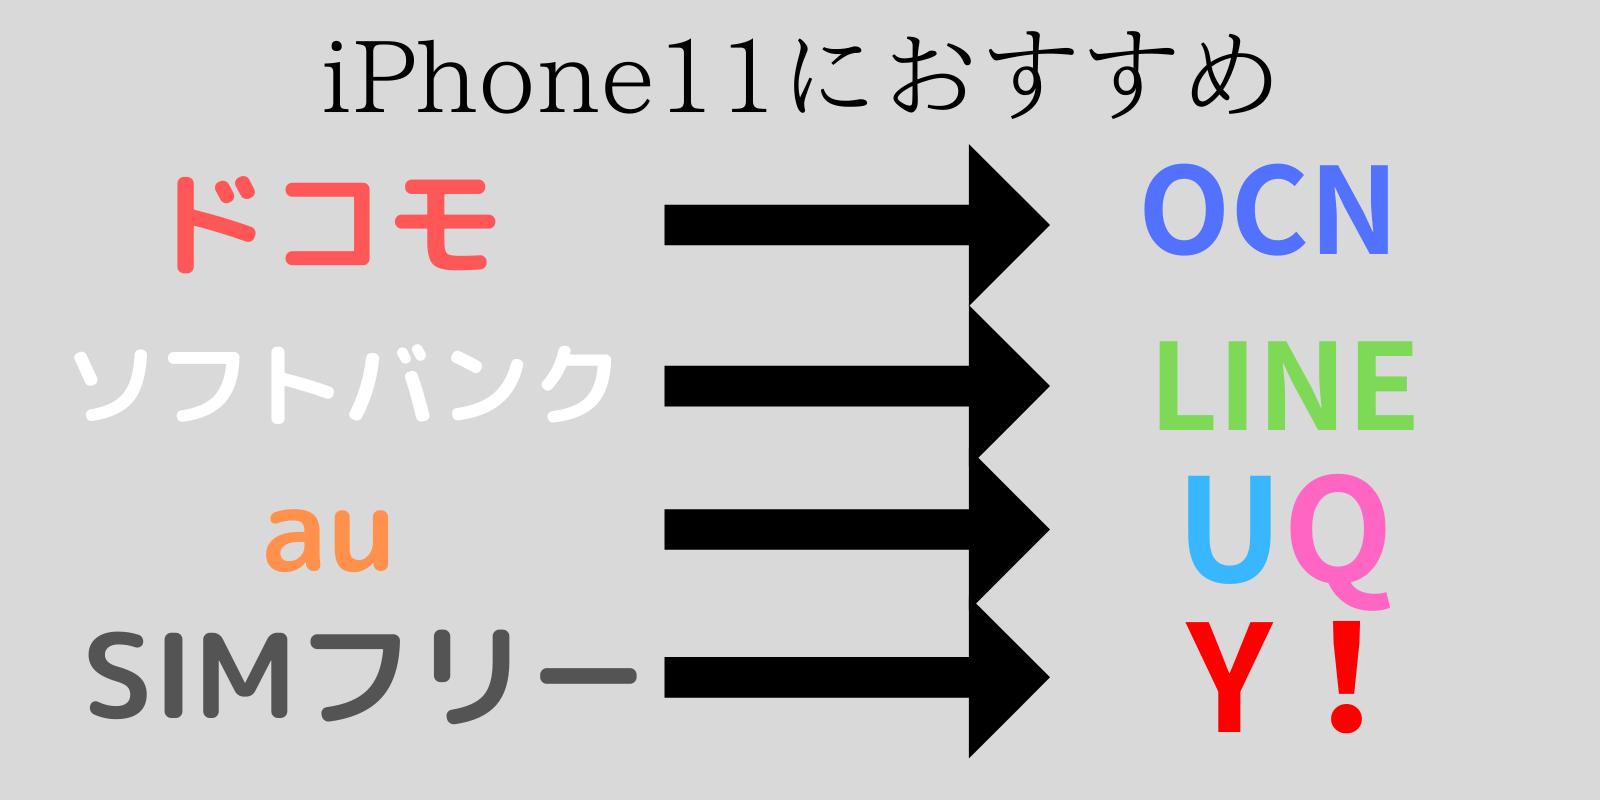 キャリア別のiPhone11におすすめの格安スマホ